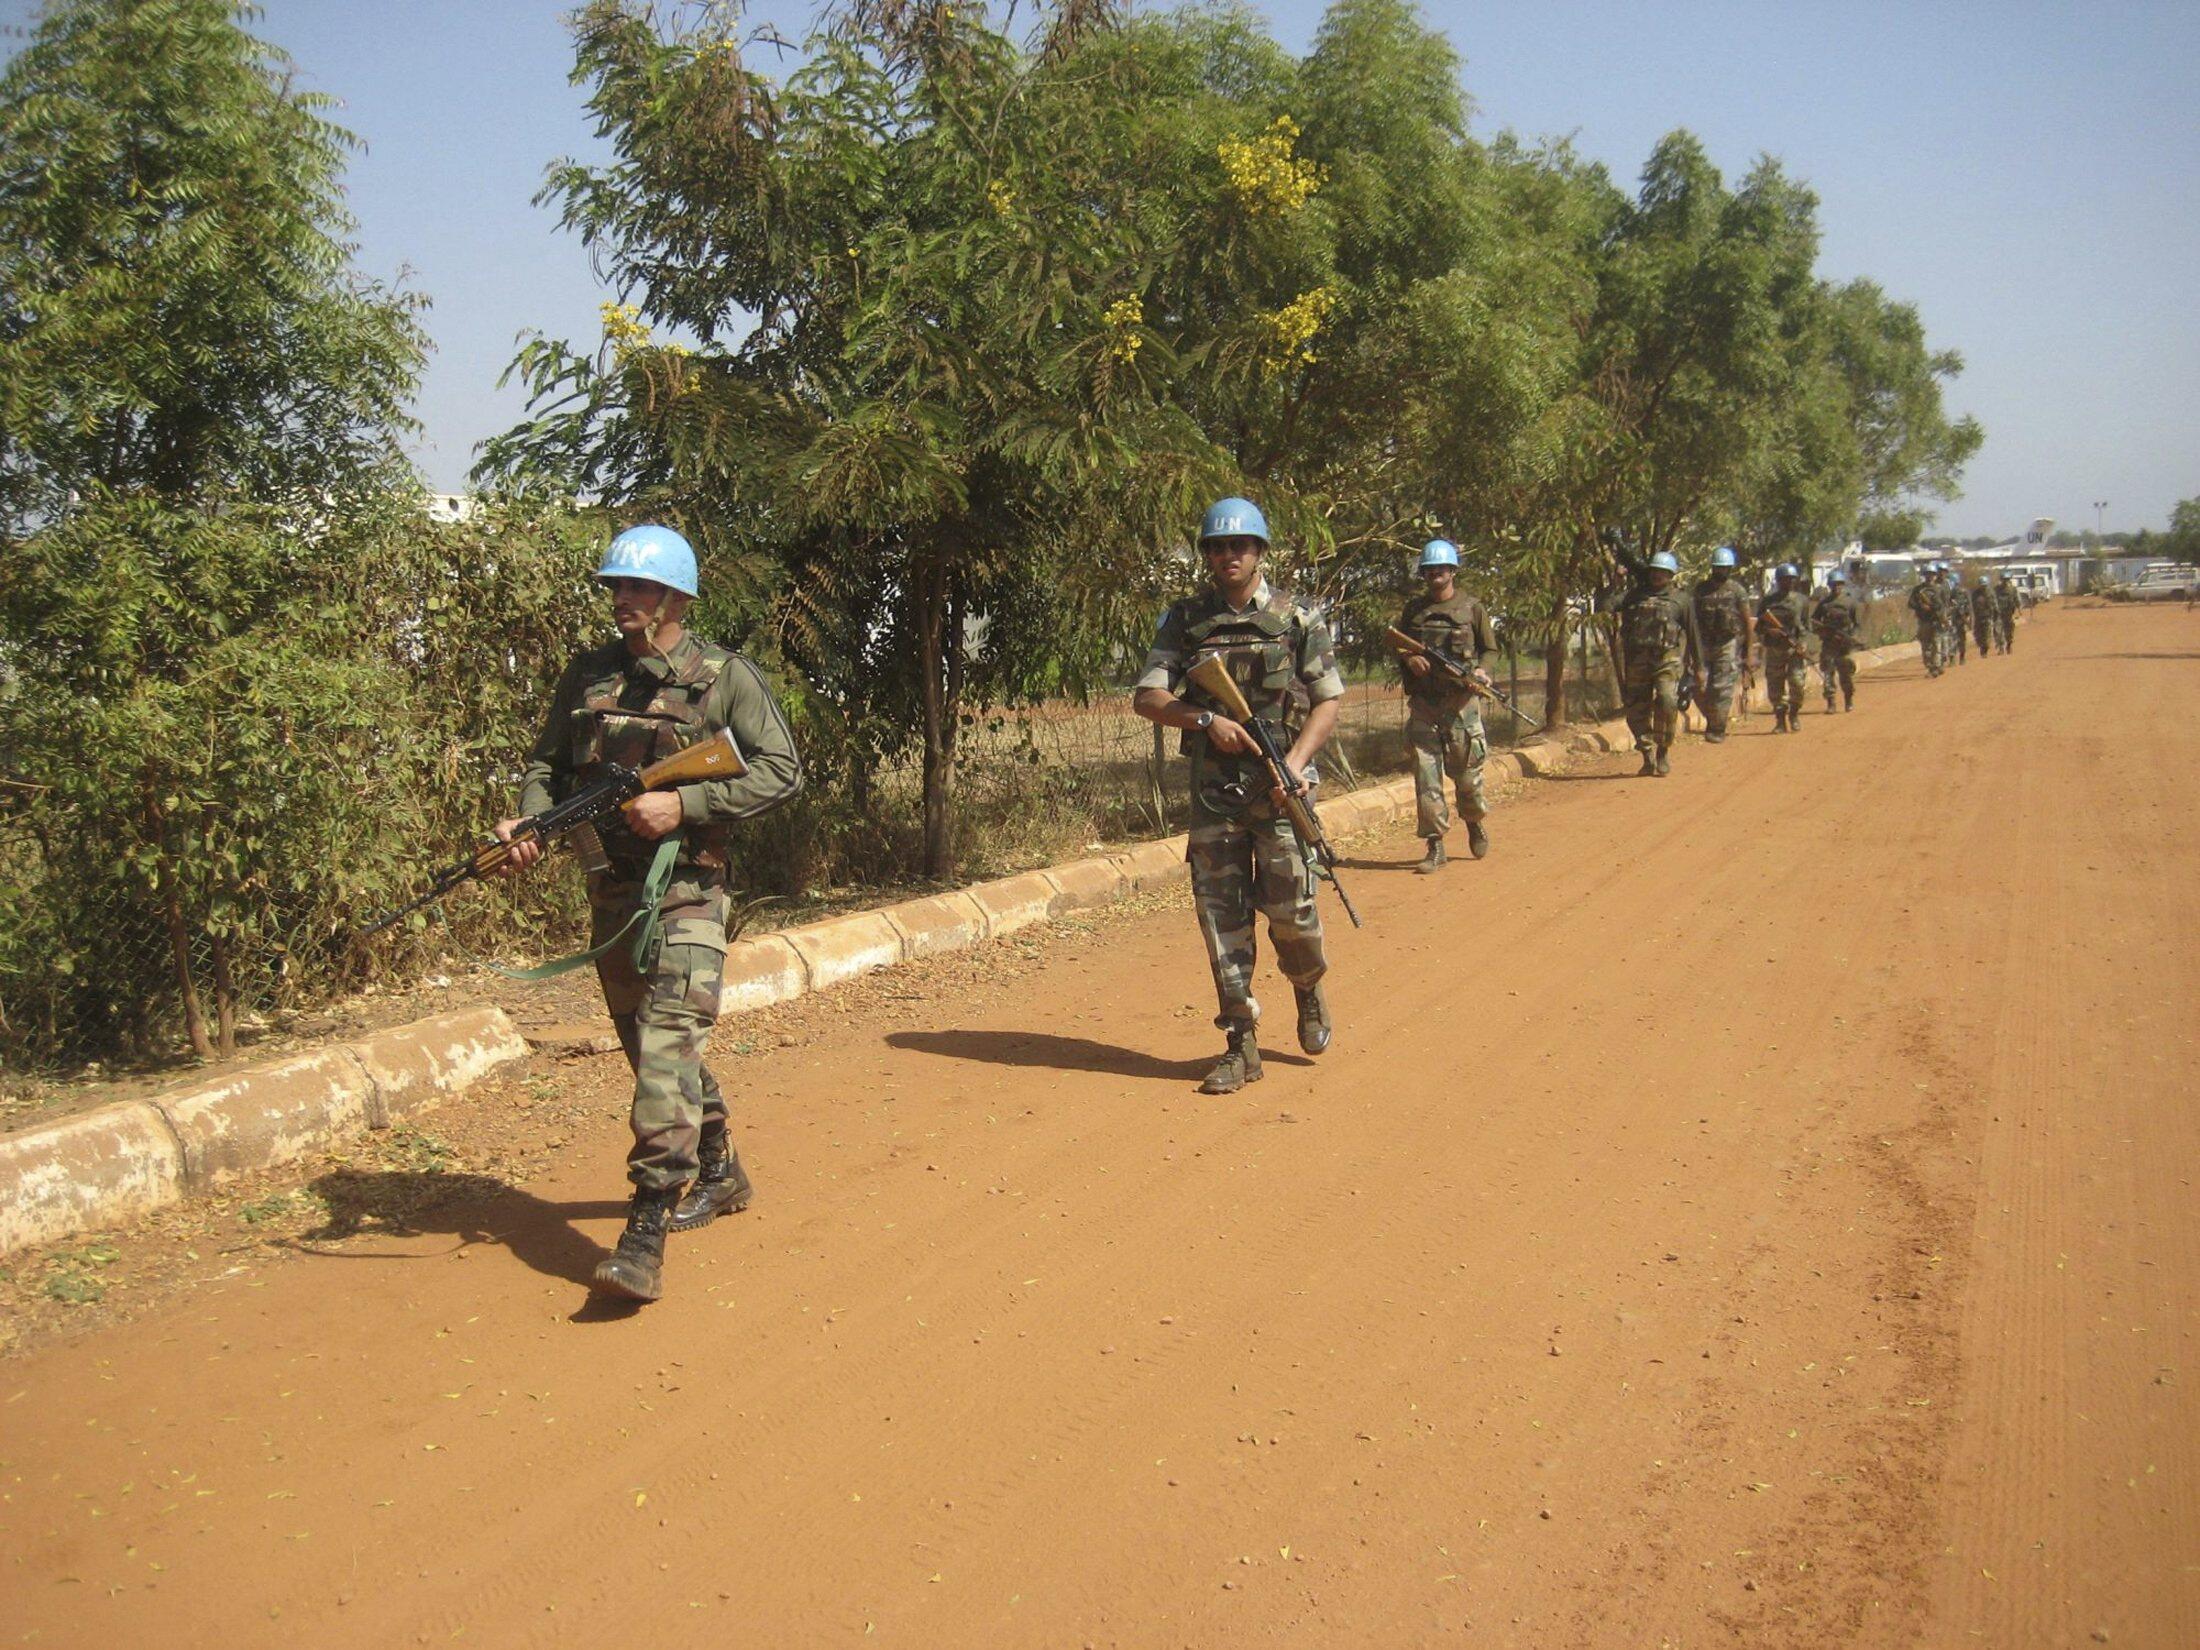 Patrouille de casques bleus aux alentours de Juba, le 16 décembre 2013.